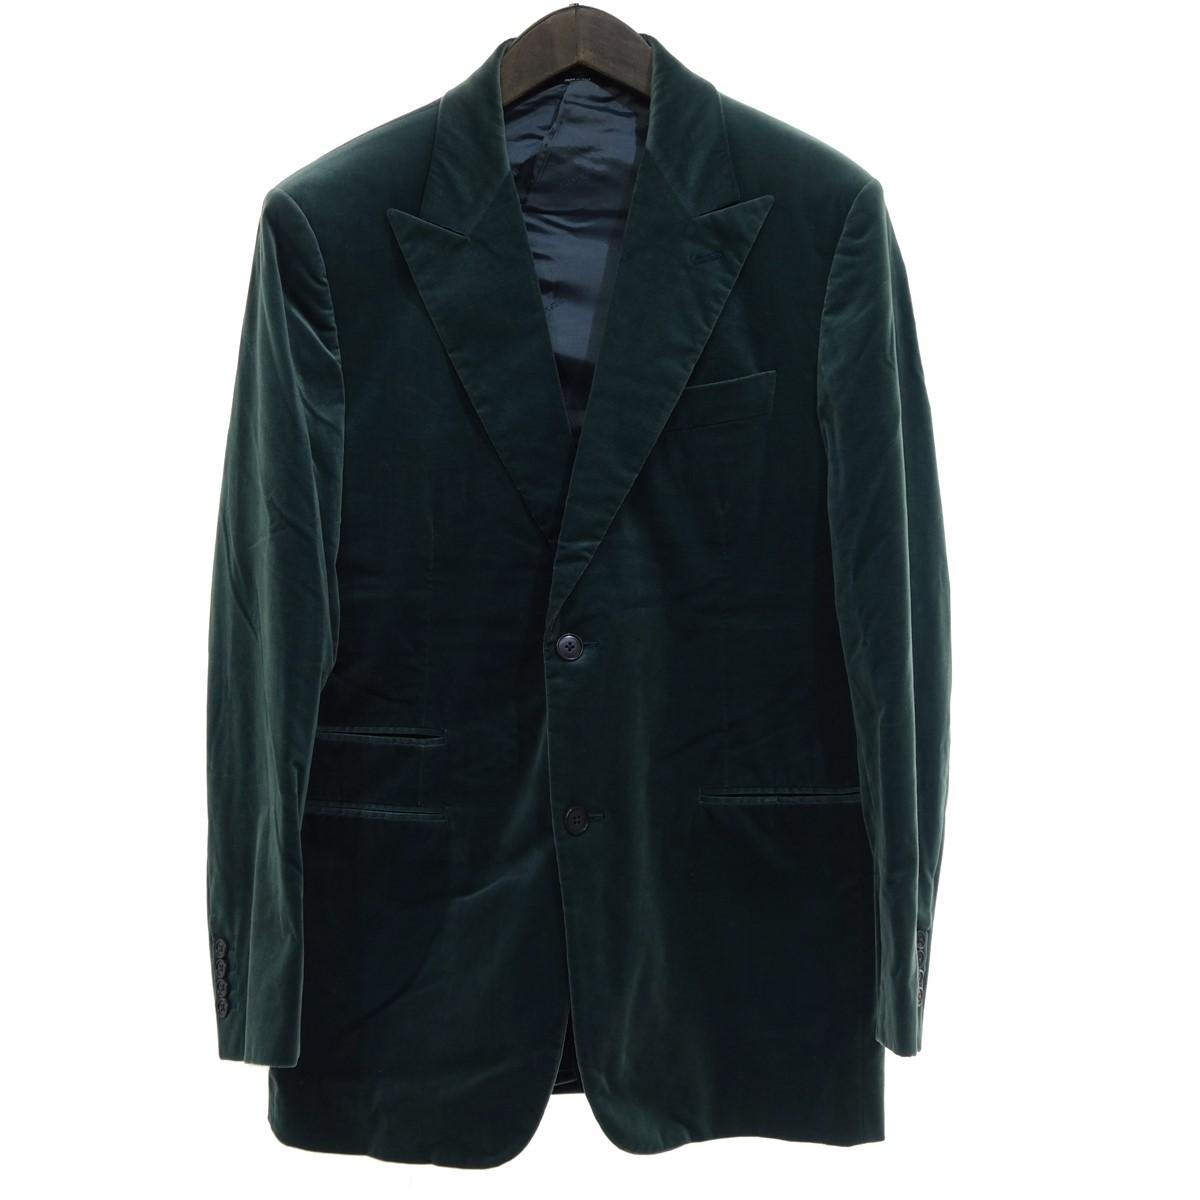 【中古】HERMES 2Bベロアテーラードジャケット グリーン サイズ:48 【260420】(エルメス)